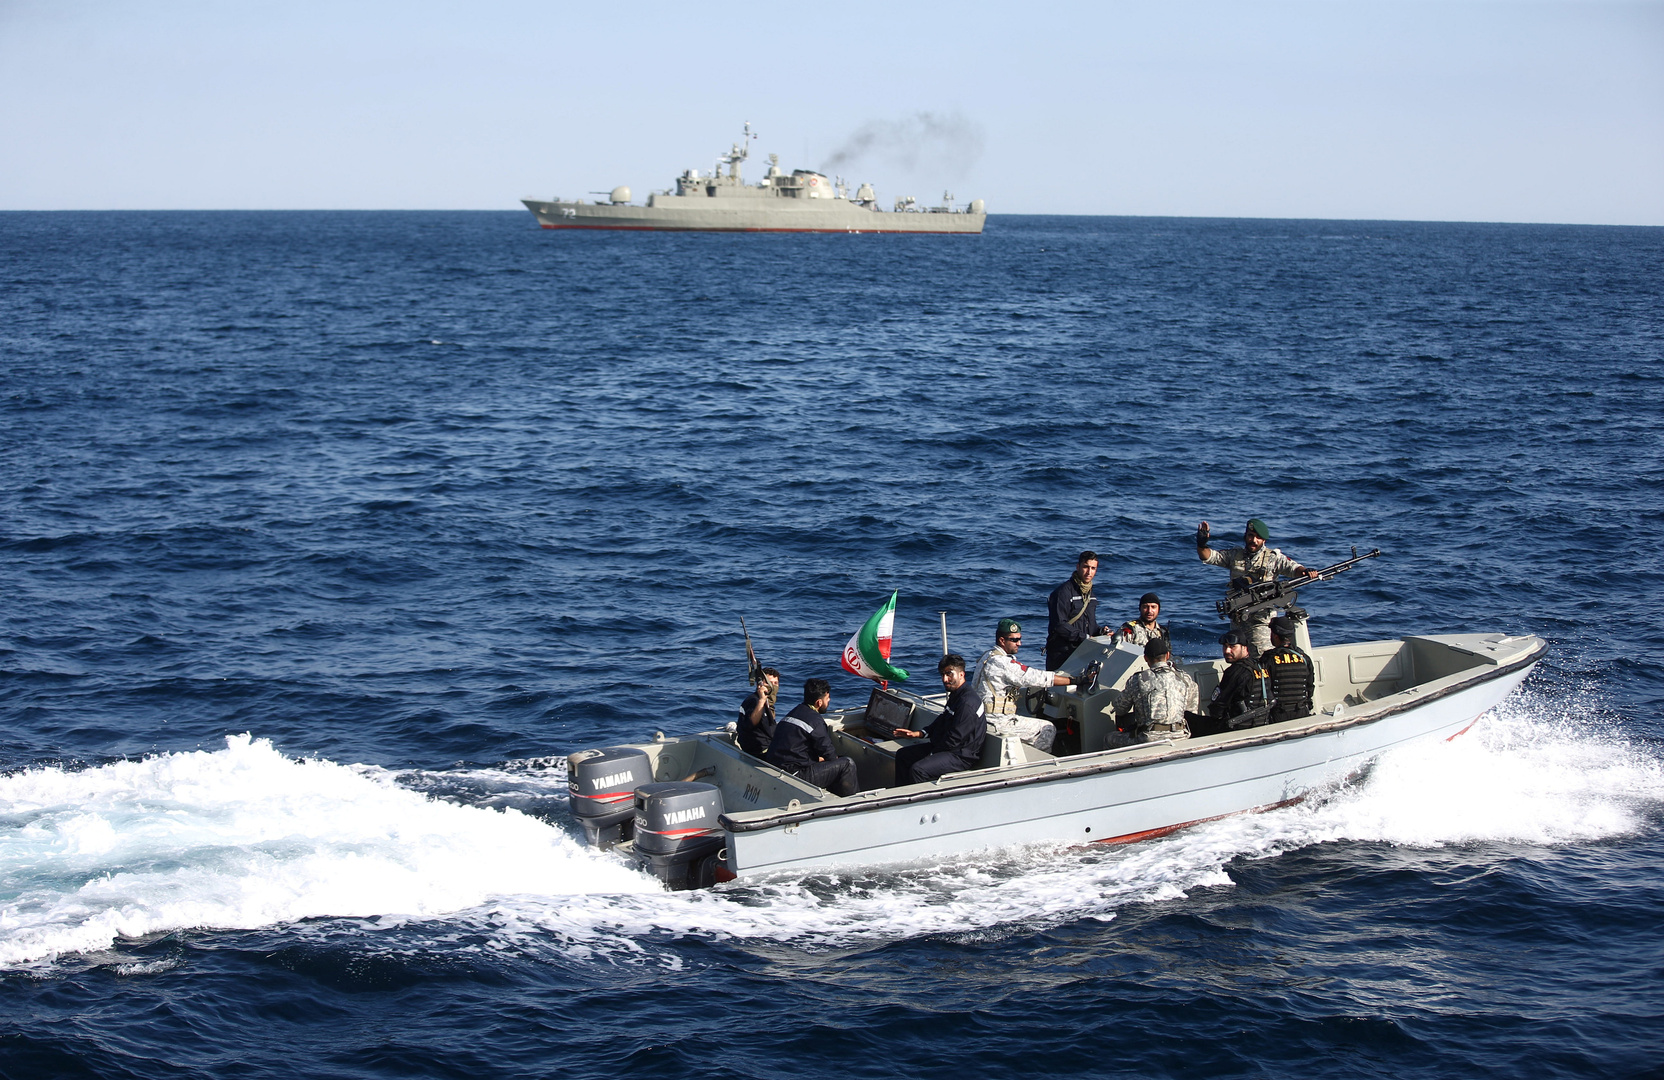 رئيس أركان الجيش الإيراني: القوة البحرية وسعت عمقها الاستراتيجي في شواطئ الخليج وبحر عمان